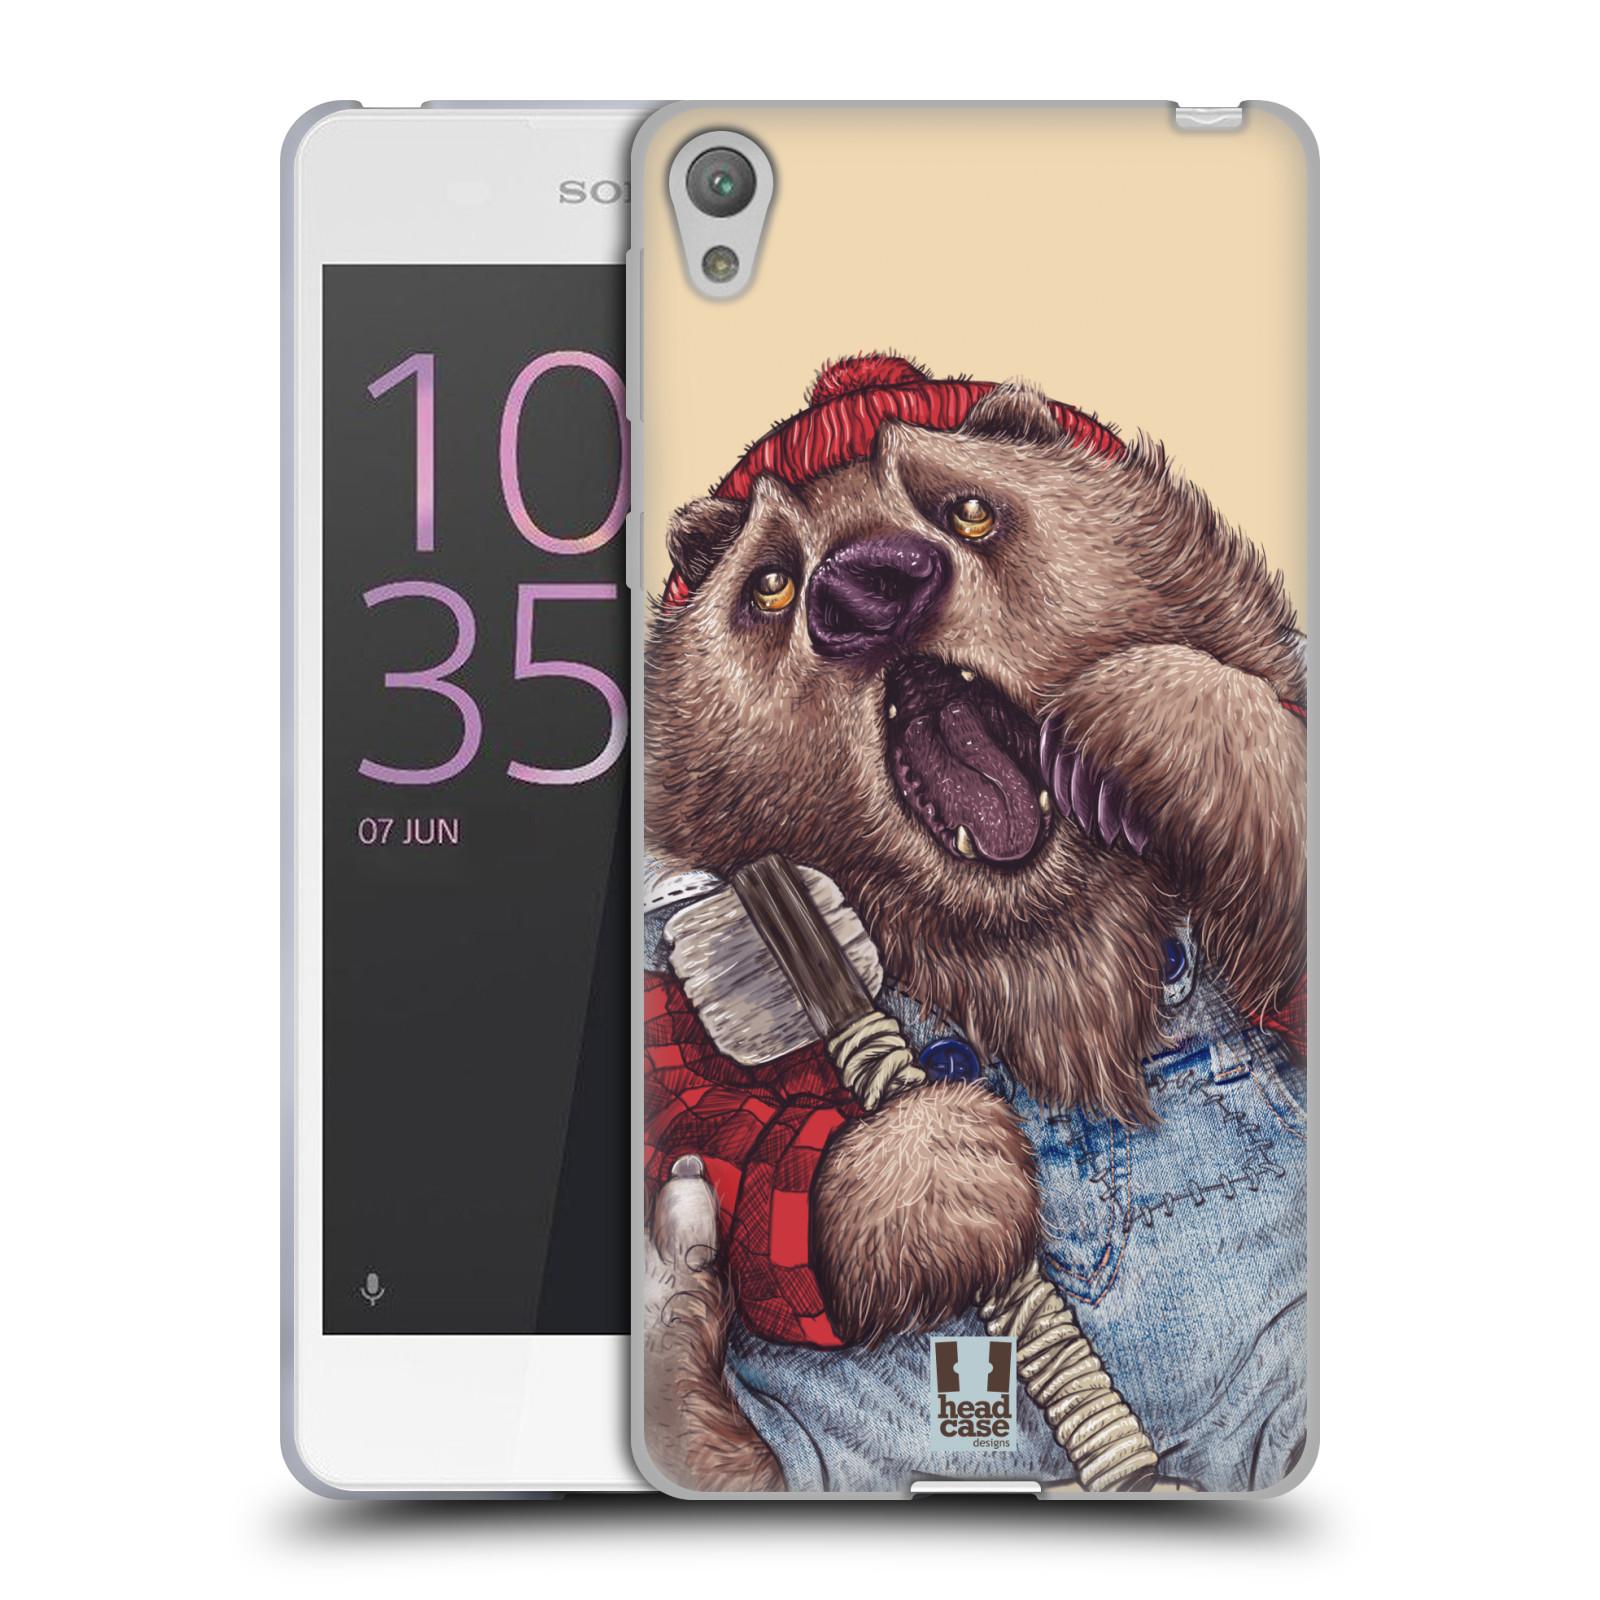 HEAD CASE silikonový obal na mobil SONY XPERIA E5 vzor Kreslená zvířátka medvěd